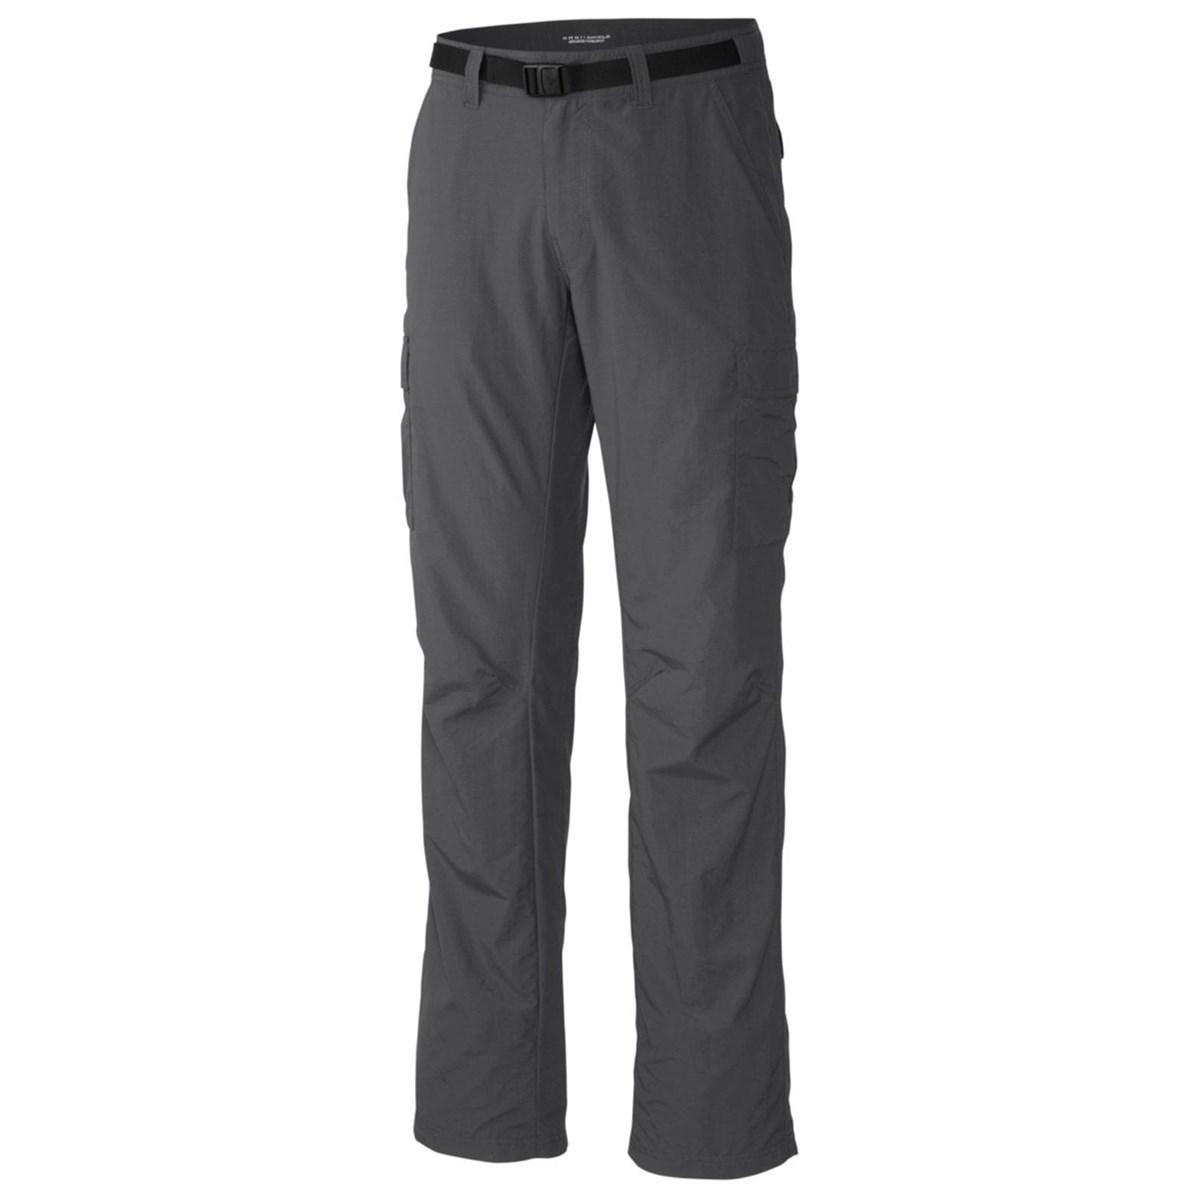 Cascades Explorer Erkek Krem Pantolon